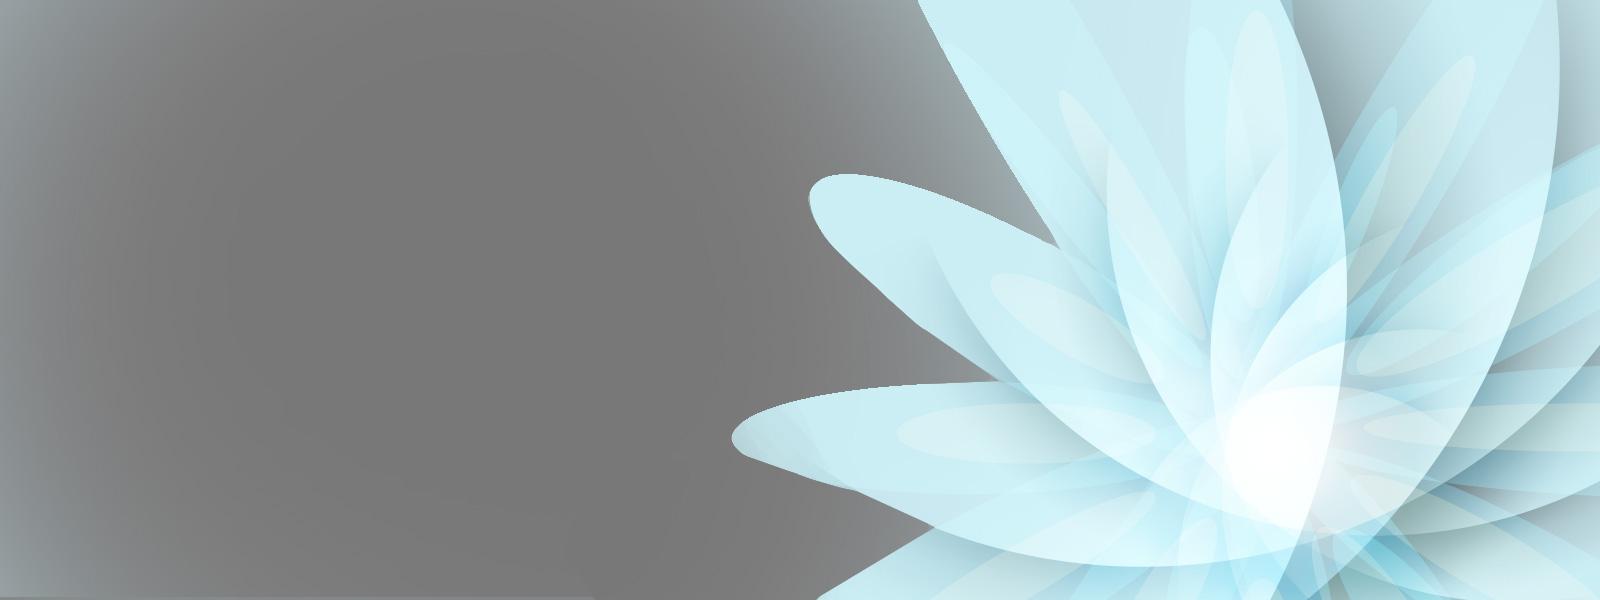 ポスターやチラシを印刷する軽井沢のデザイン会社フクモトロジスティックシステム